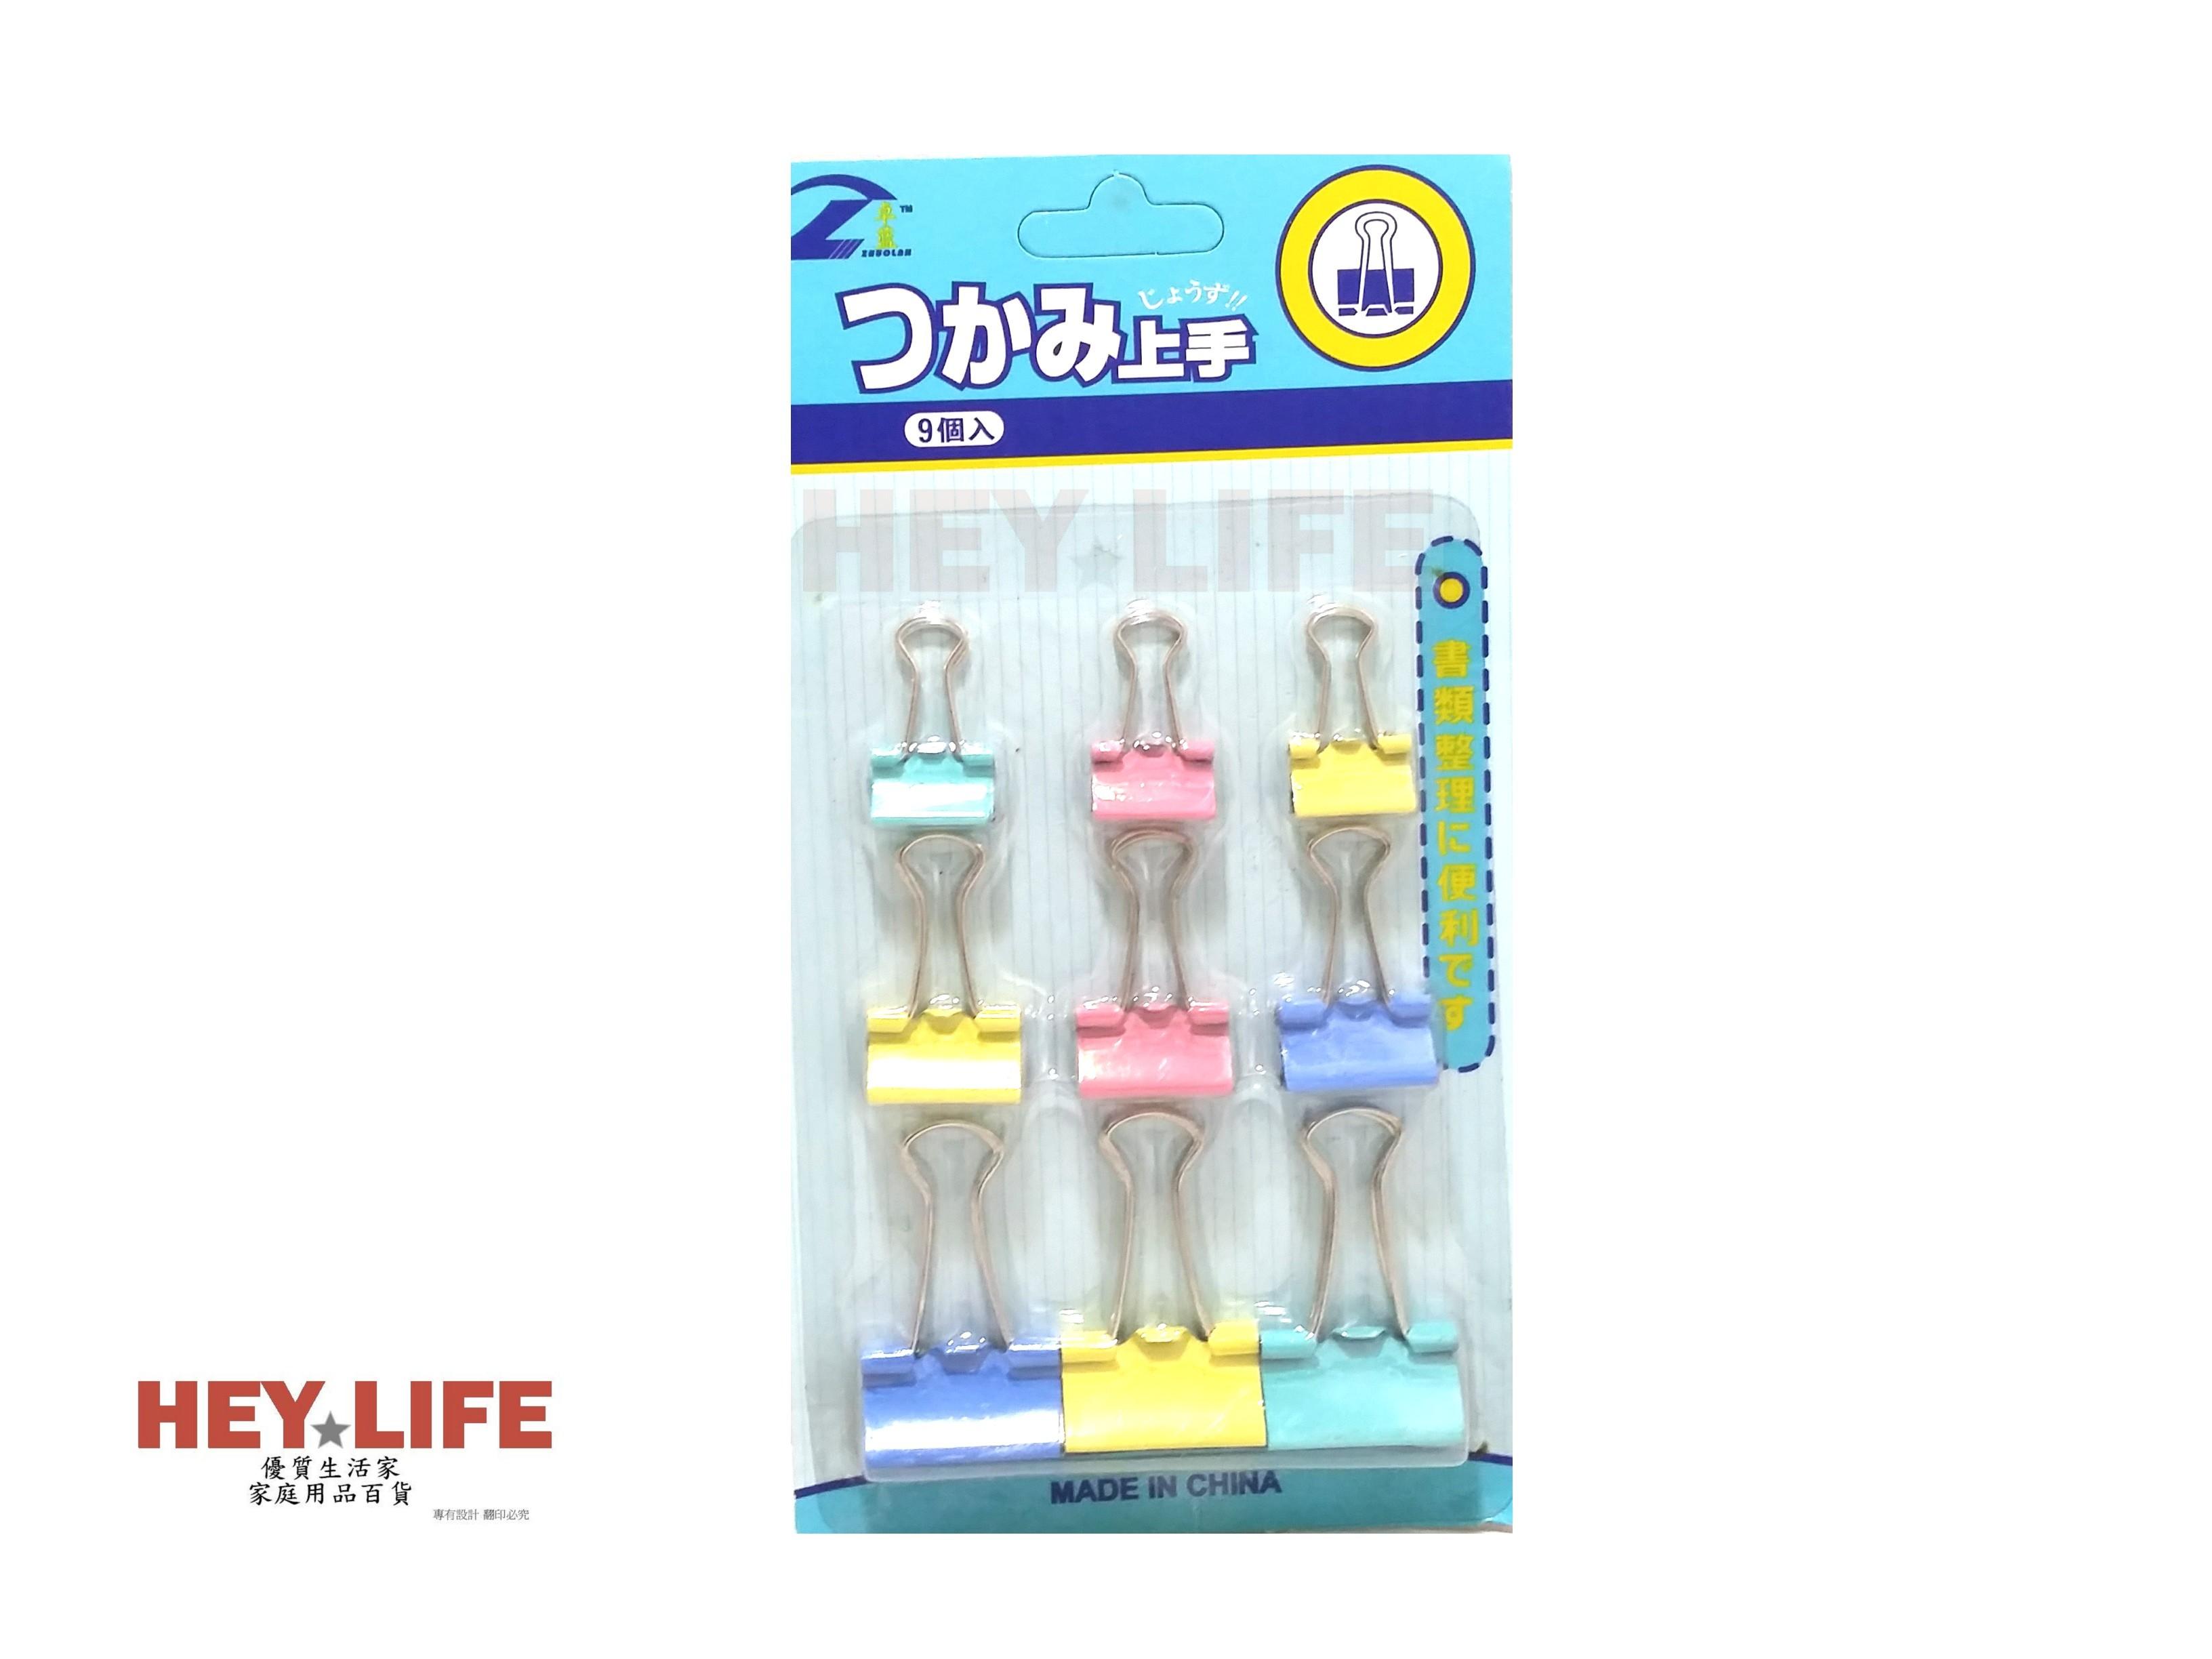 【HEYLIFE優質生活家】長尾夾(彩色)9入 文具夾 夾 優質嚴選 品質保證